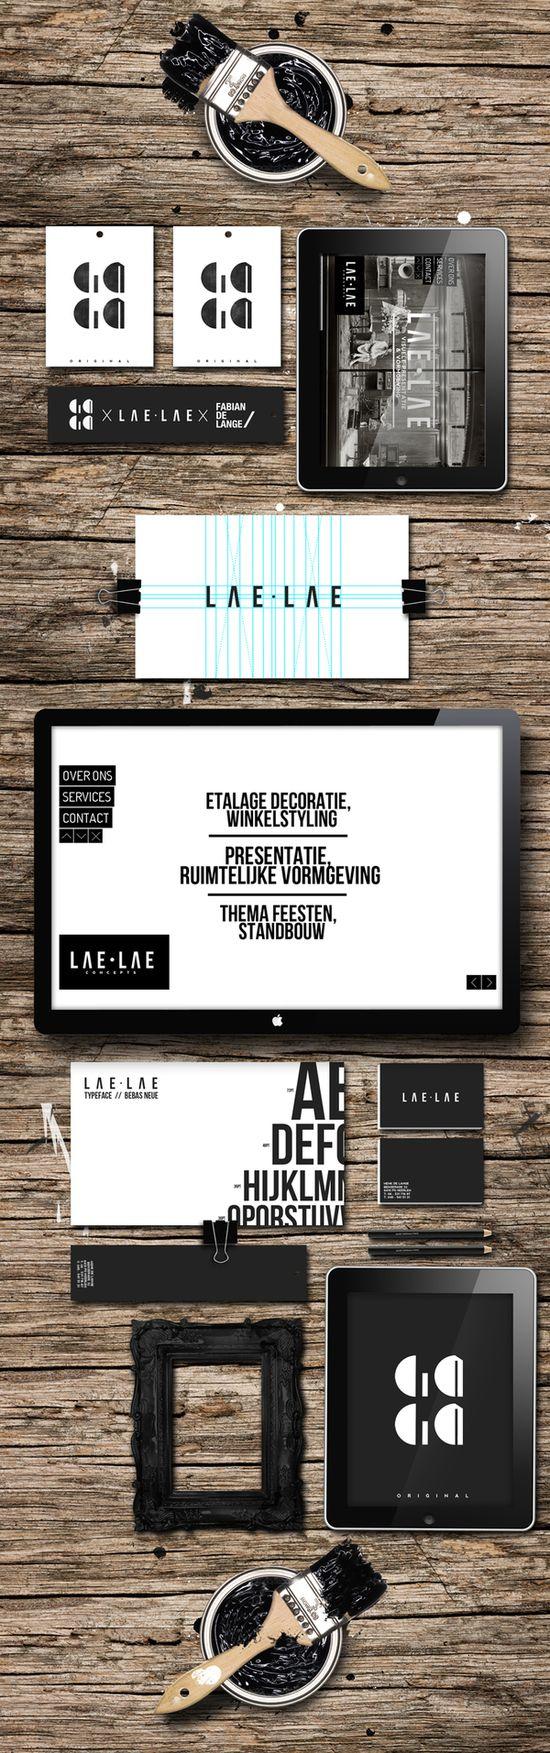 L A E - L A E by Fabian De Lange